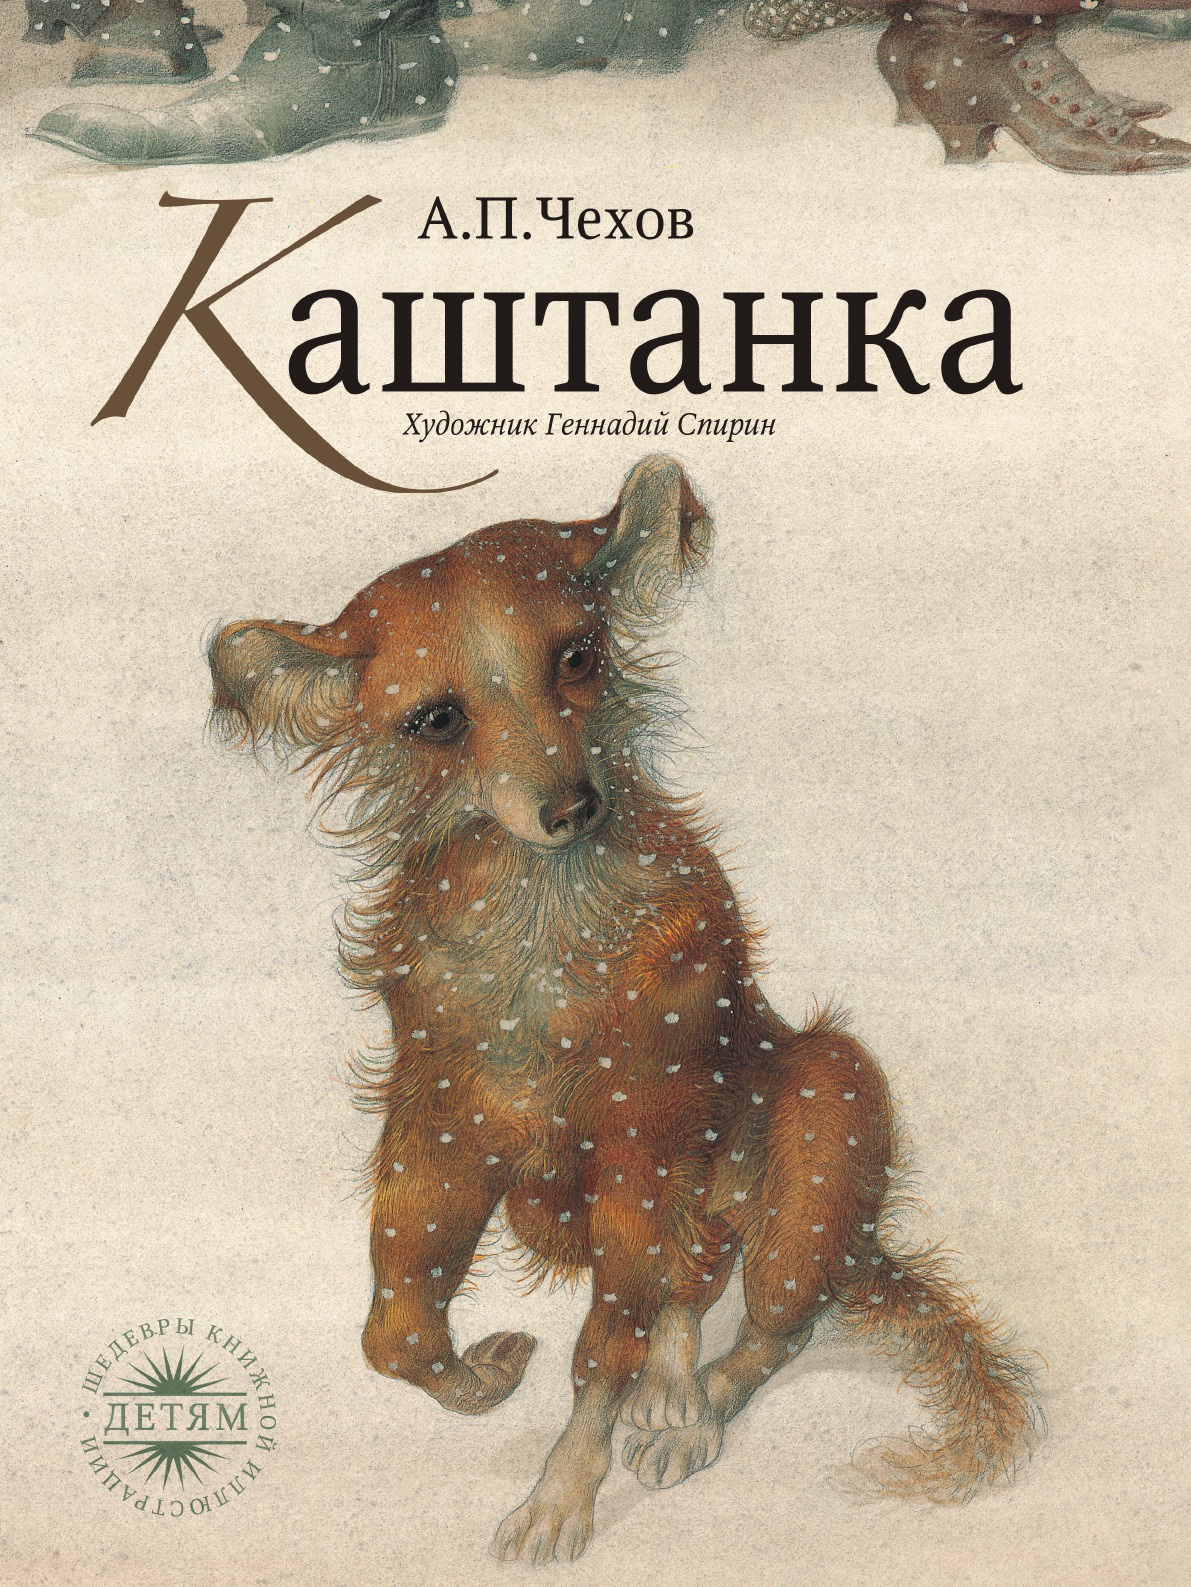 А. П. Чехов, Геннадий Спирин Каштанка. С цветными иллюстрациями Геннадия Спирина